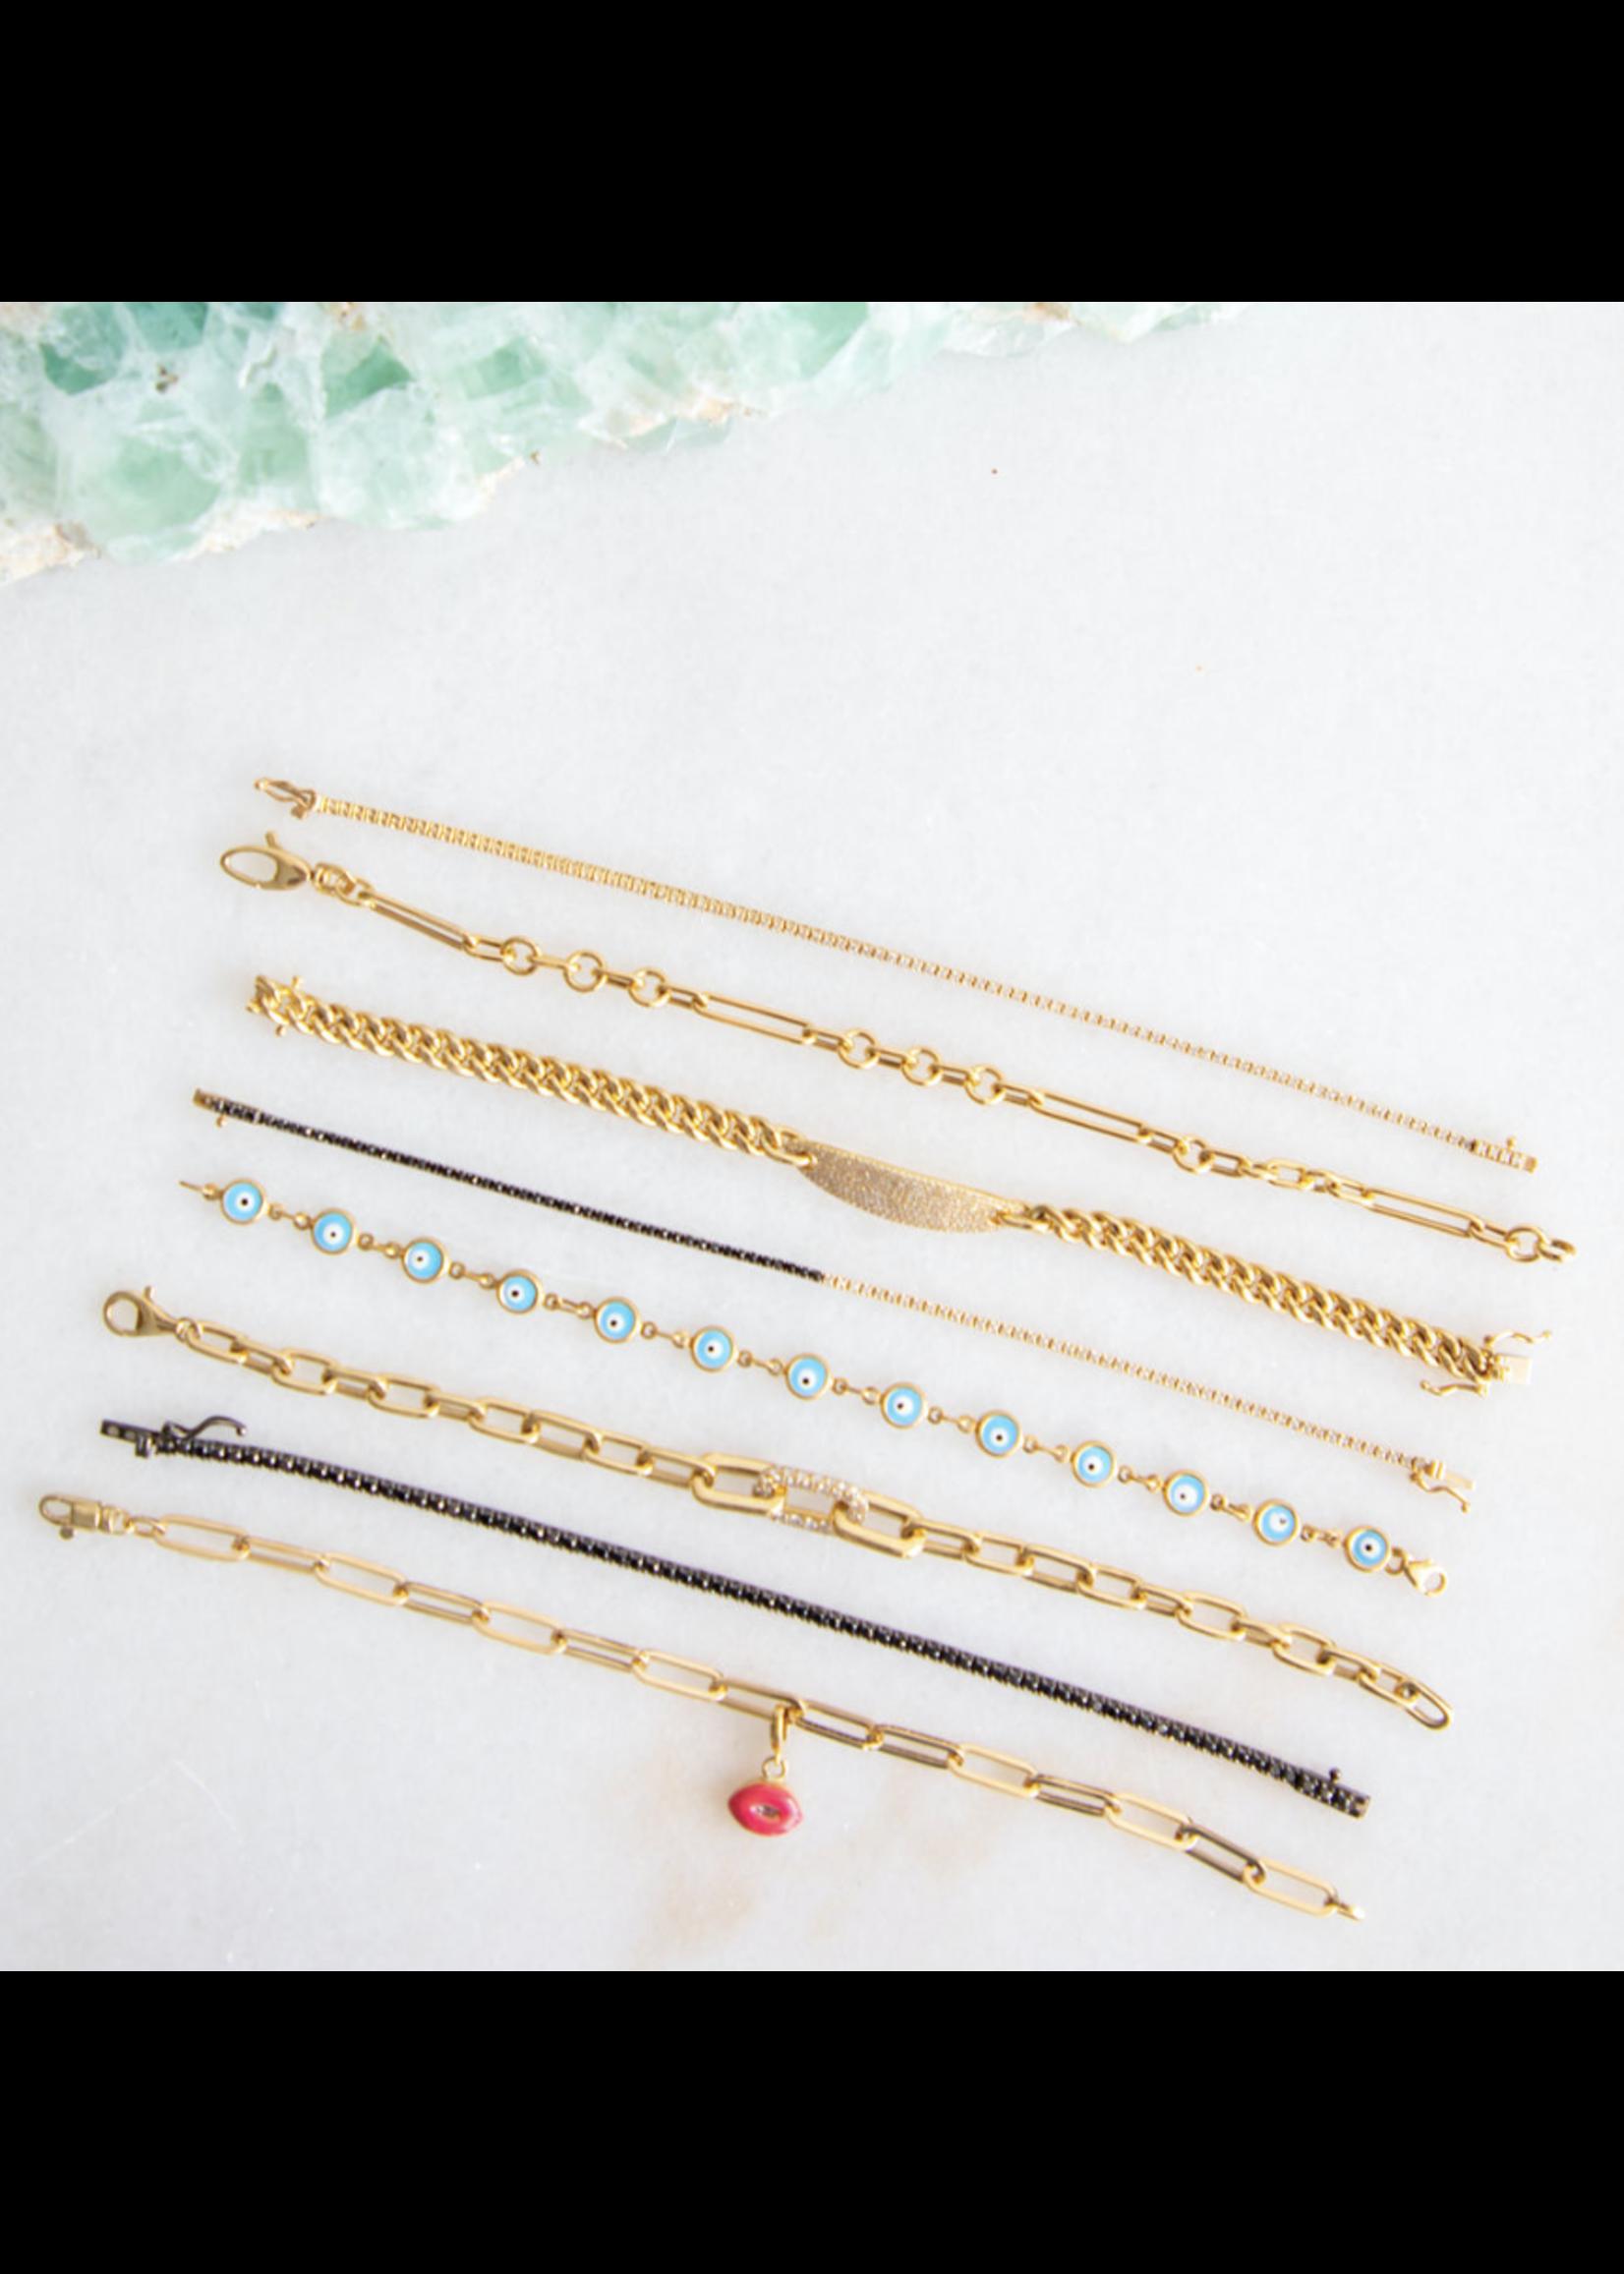 Jill Alberts Diamond Pave Chain Bracelet